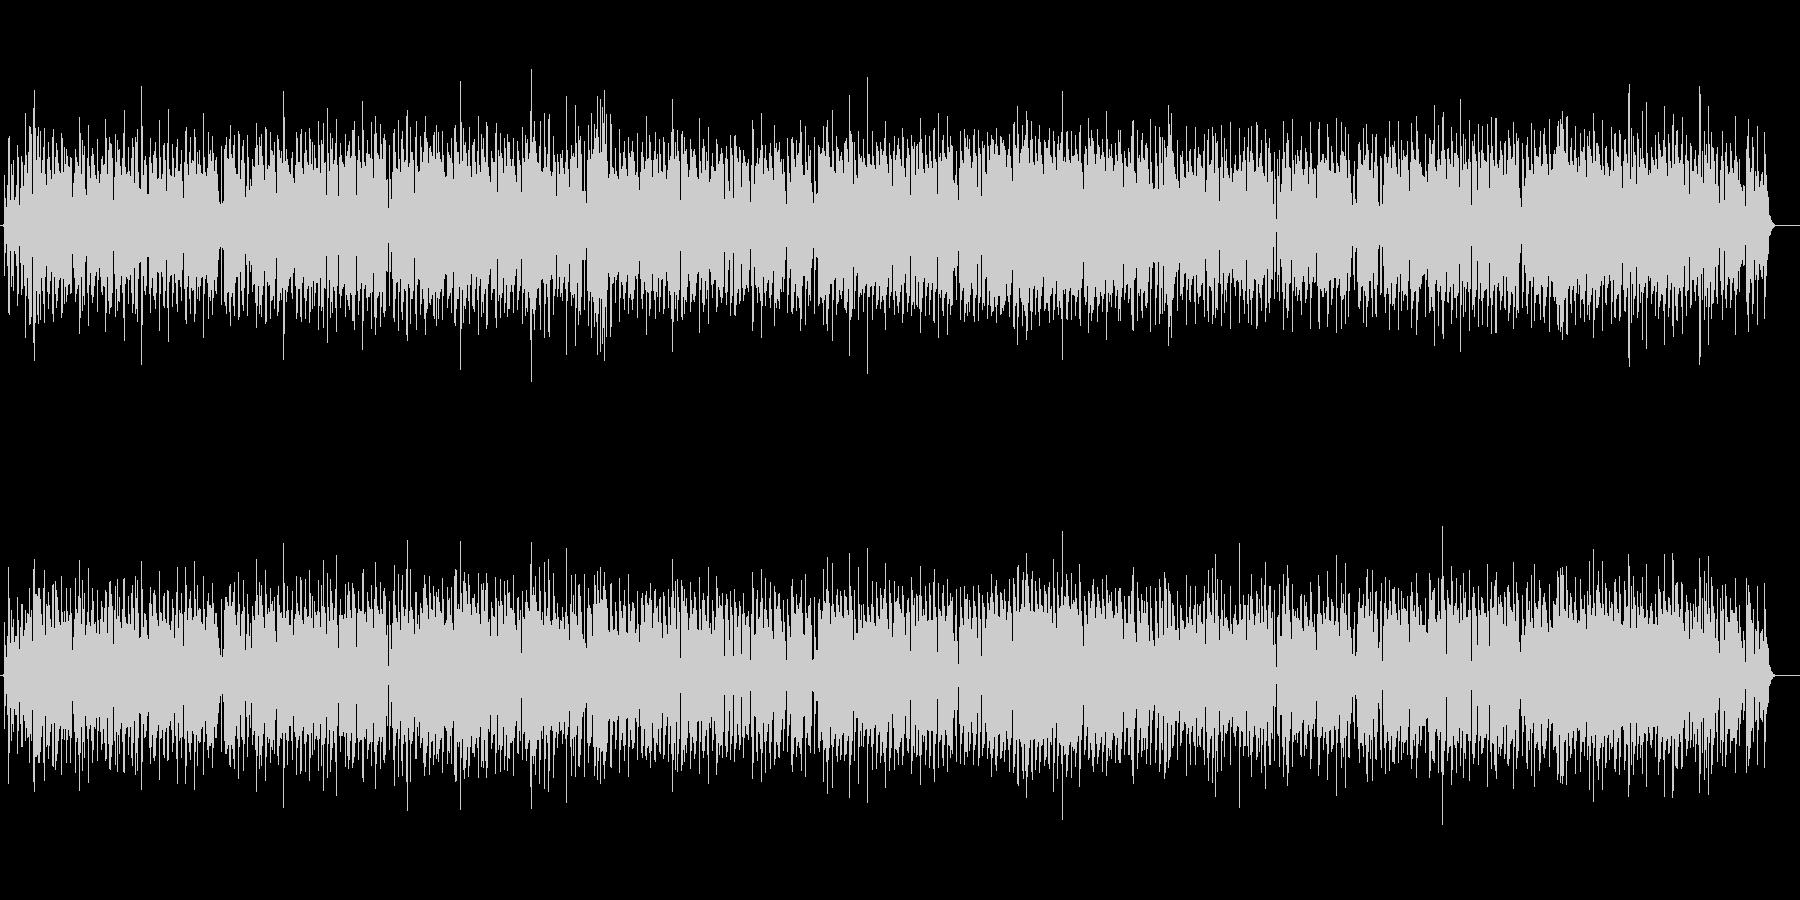 クラリネットの明るく陽気な曲・OP・映像の未再生の波形